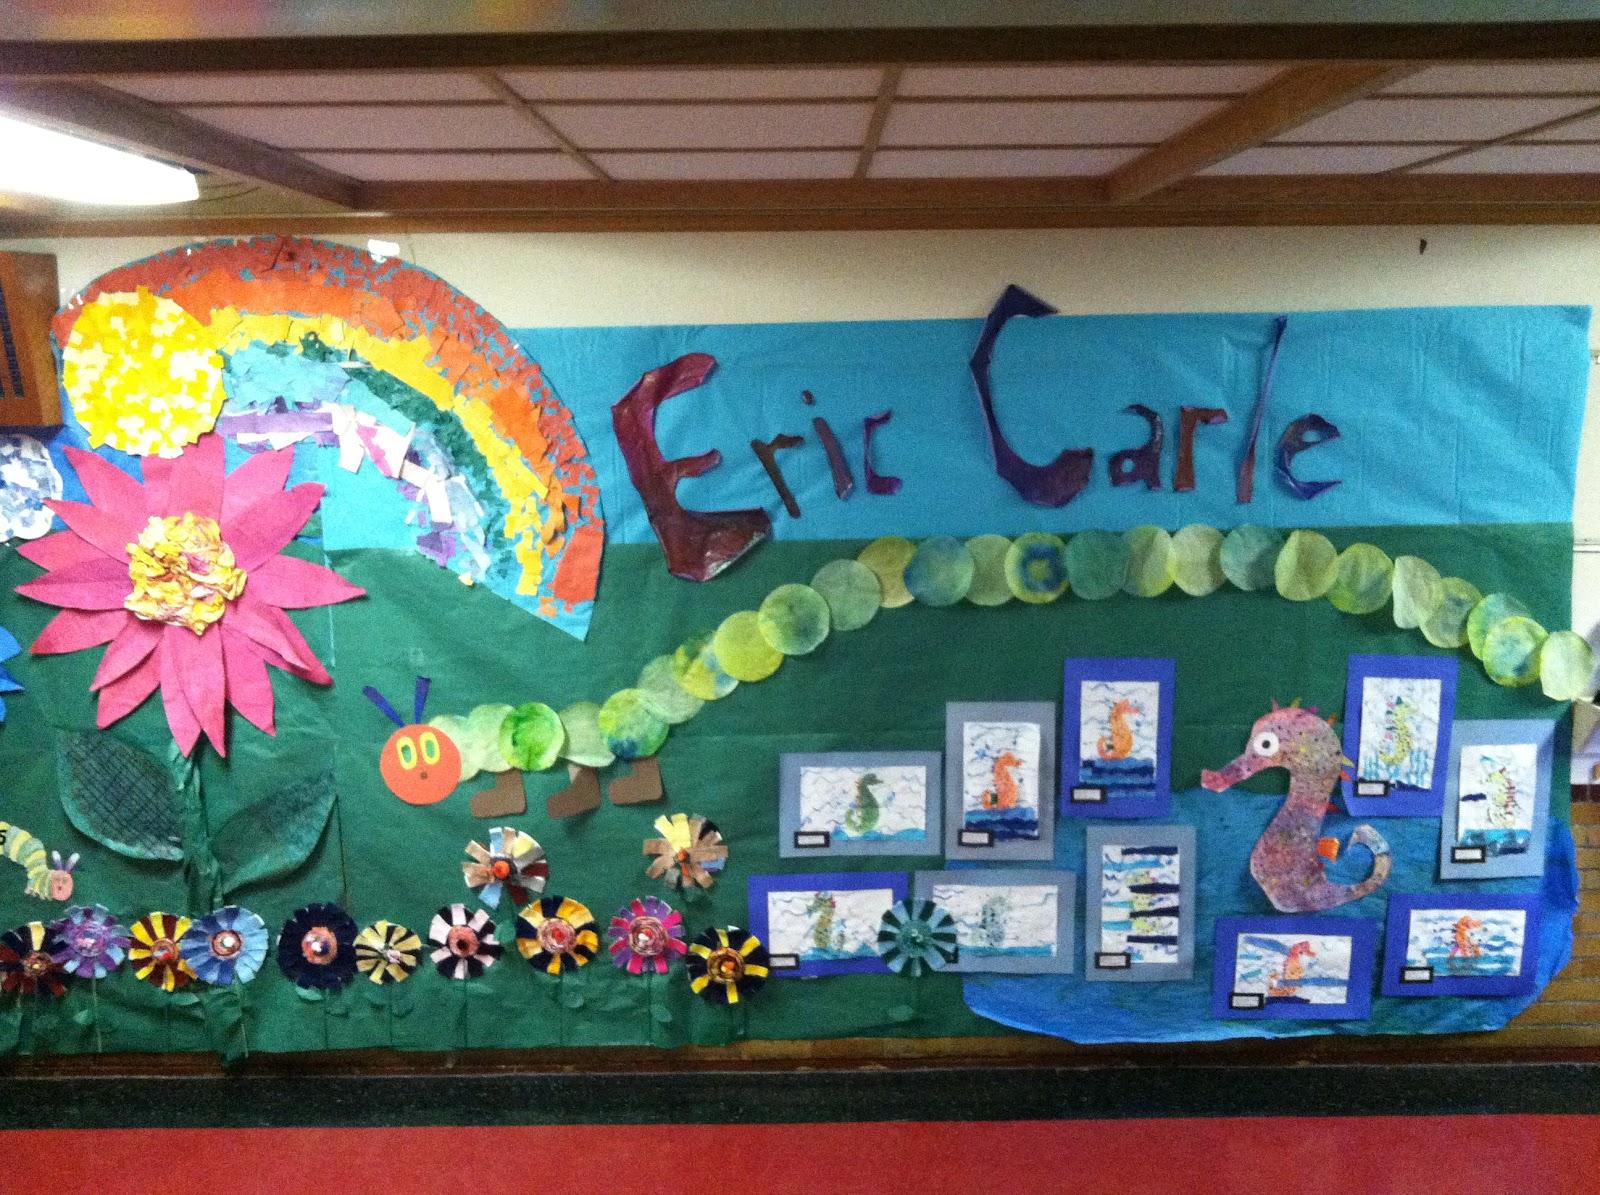 B an artist for Eric carle mural